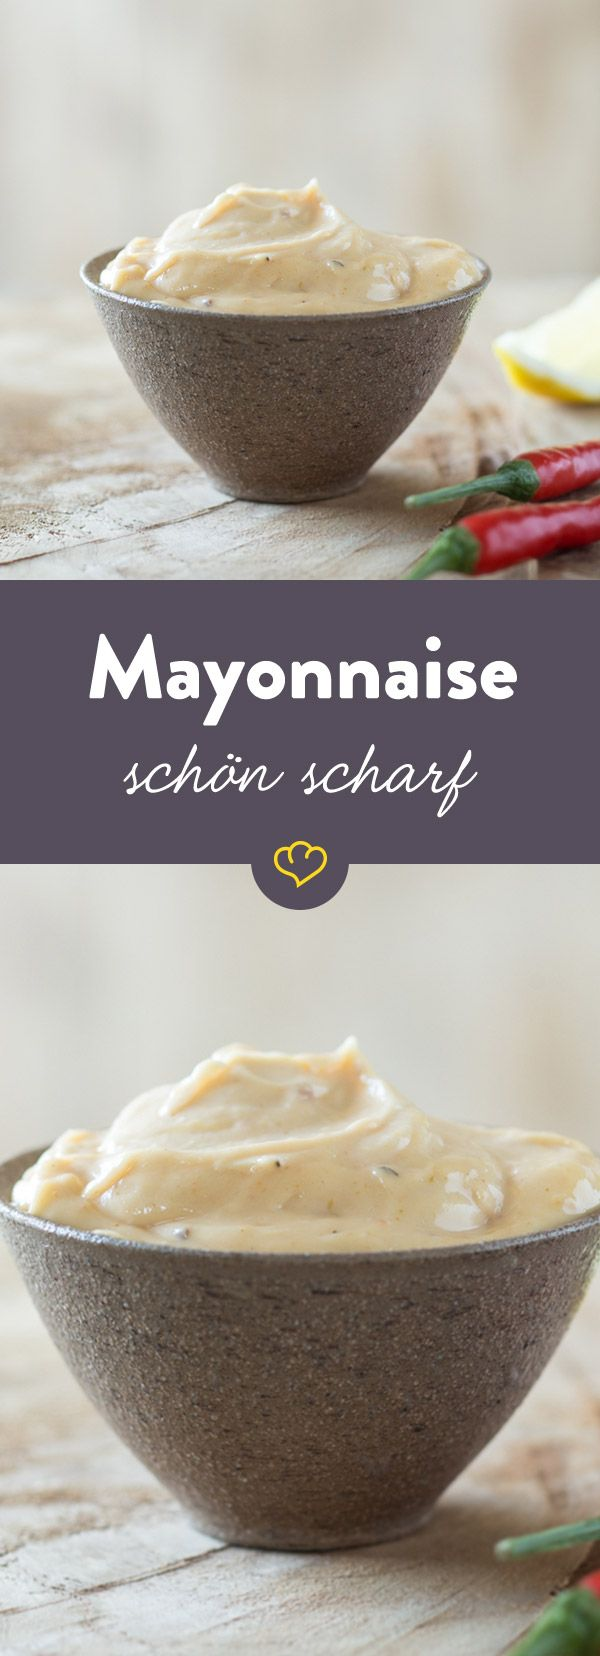 Normale Mayo ist dir zu laff? Hier sorgen Senf und Sambal Oelek für eine selbstgemachte Mayonnaise mit ordentlich Feuer.